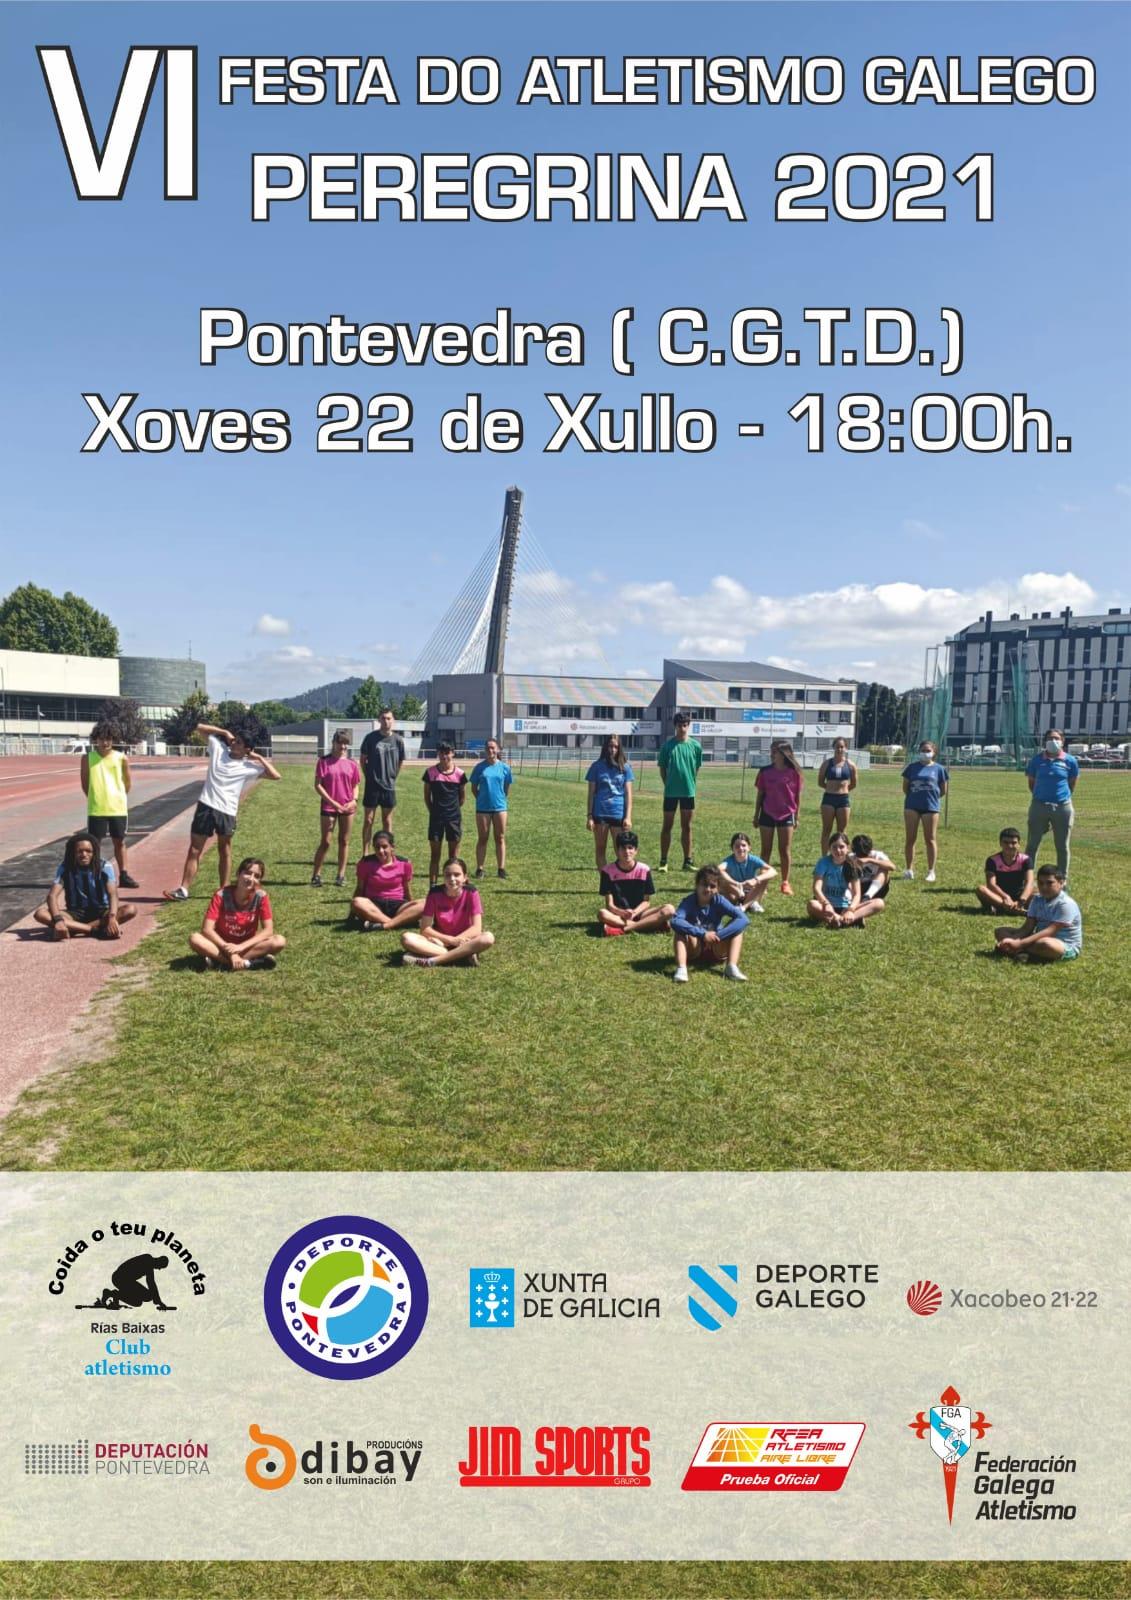 VI Festa do Atletismo Galego